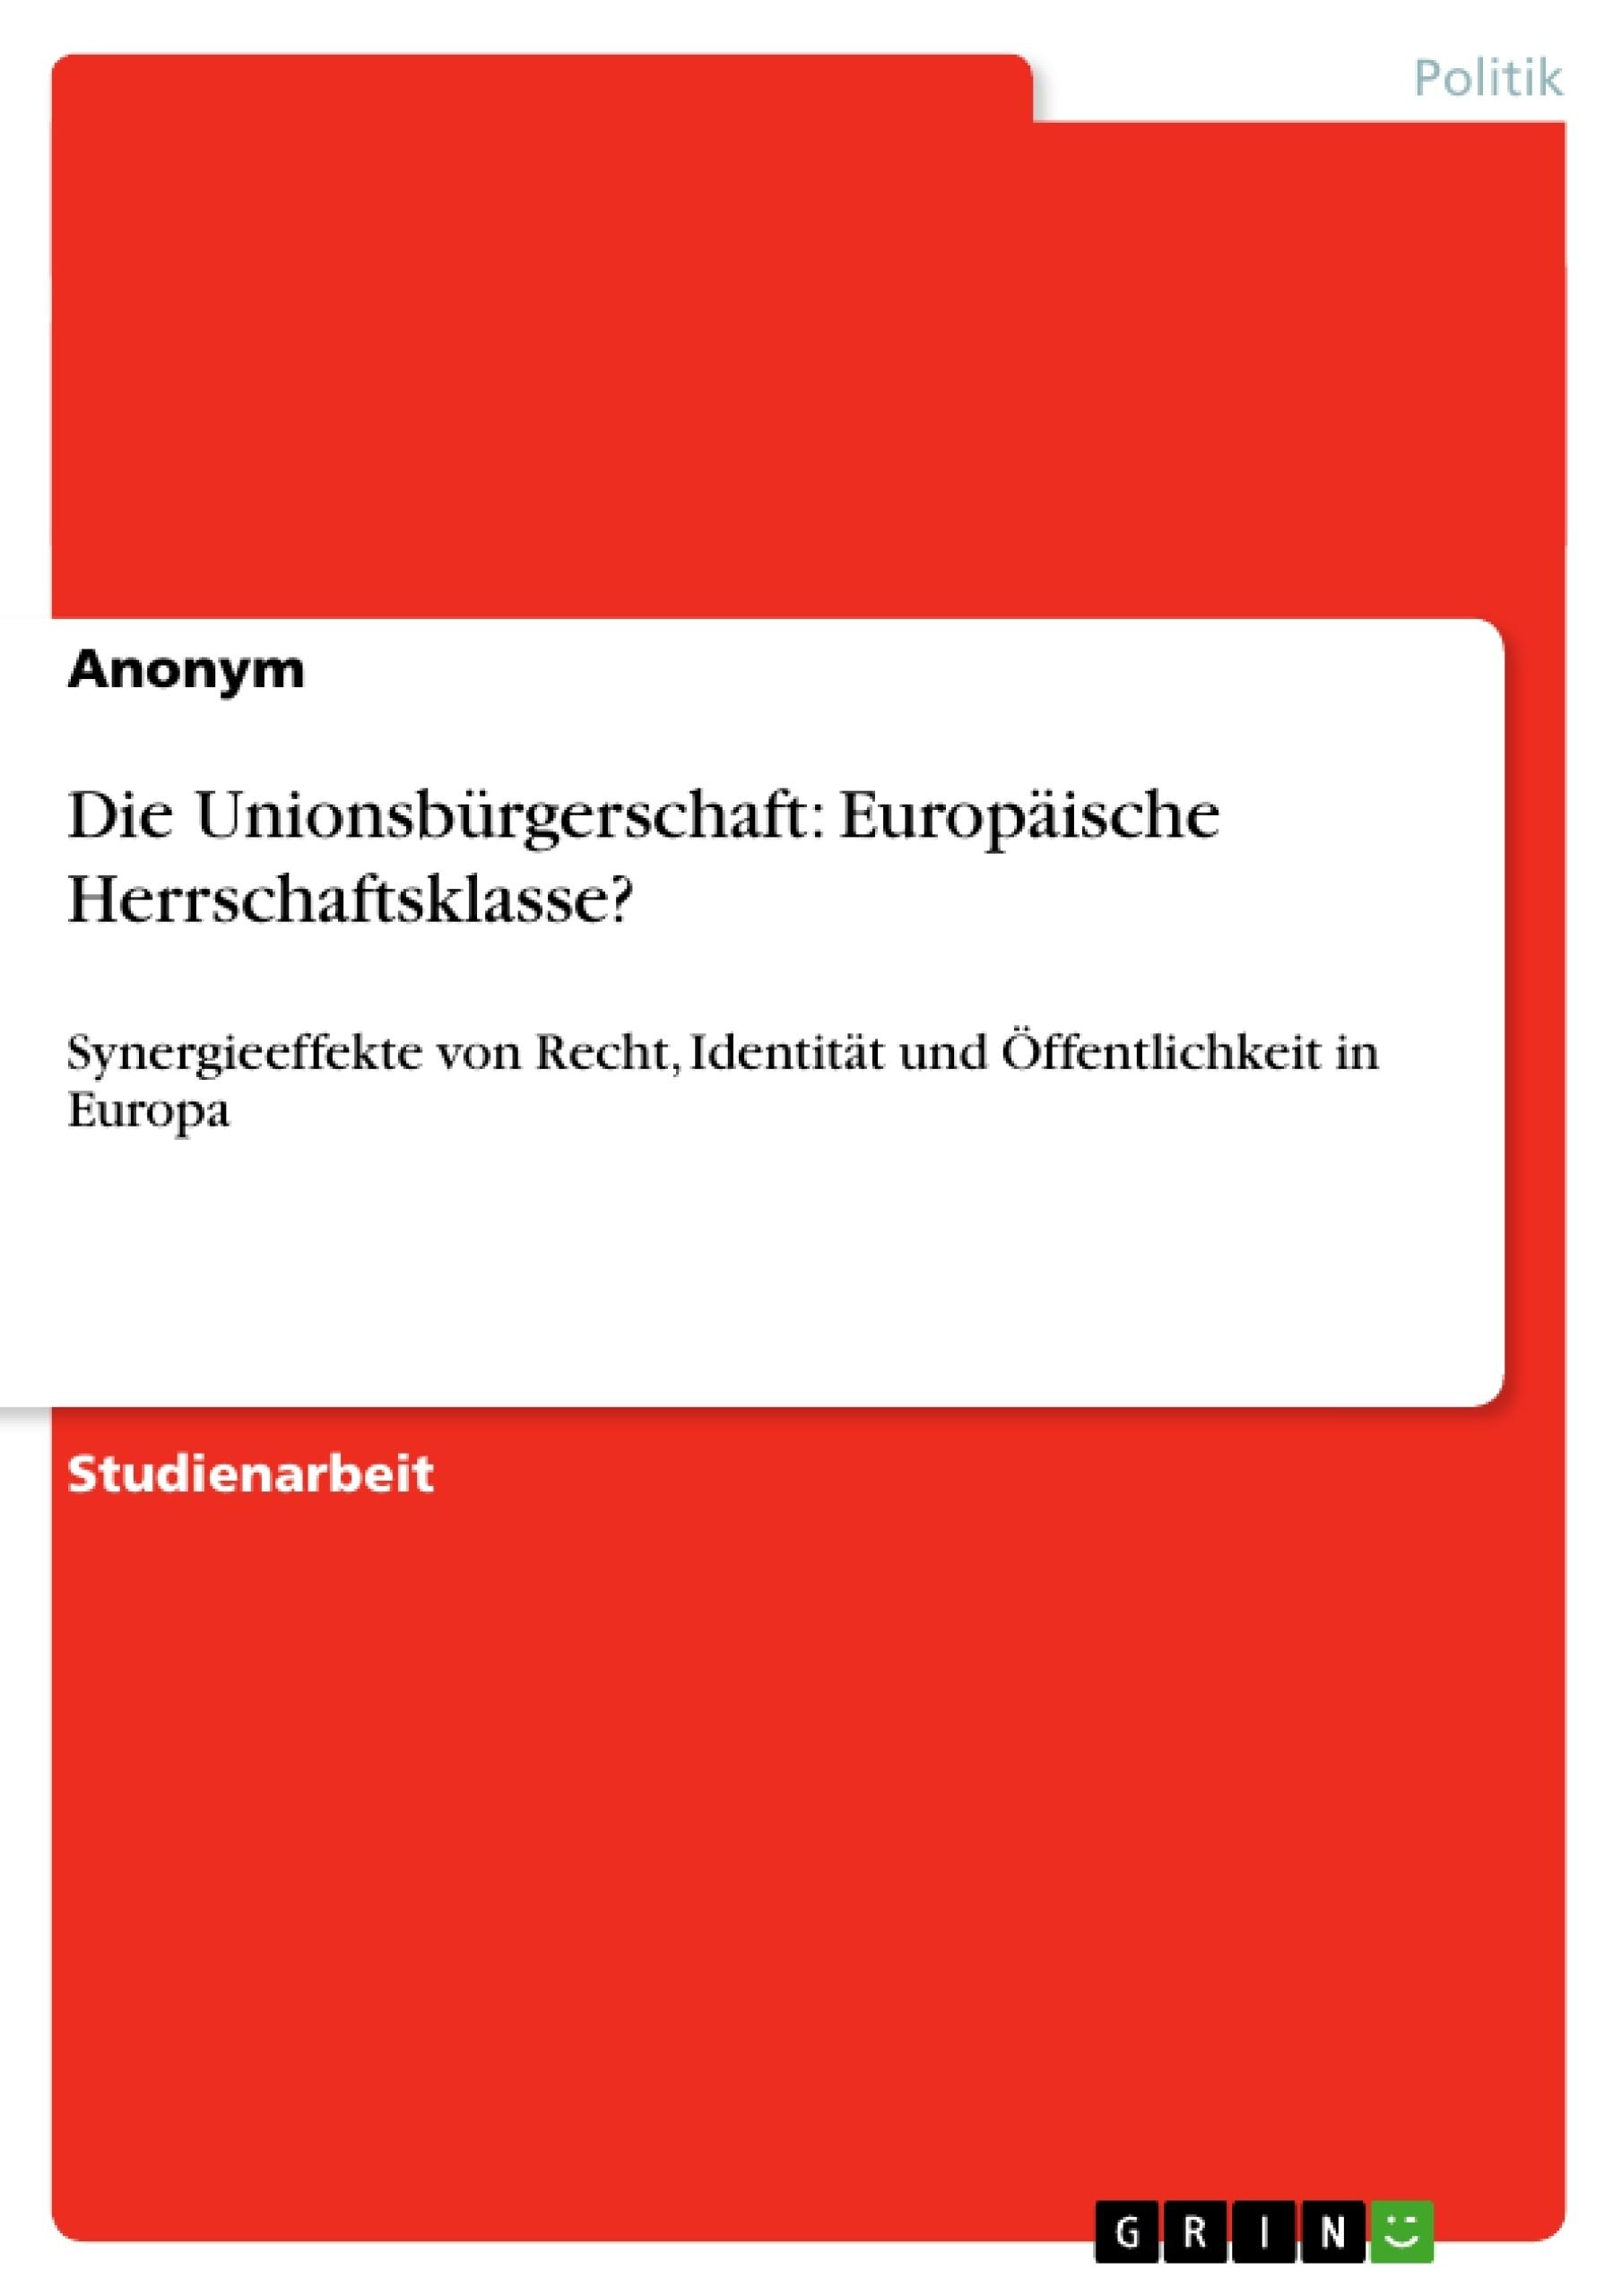 Titel: Die Unionsbürgerschaft: Europäische Herrschaftsklasse?